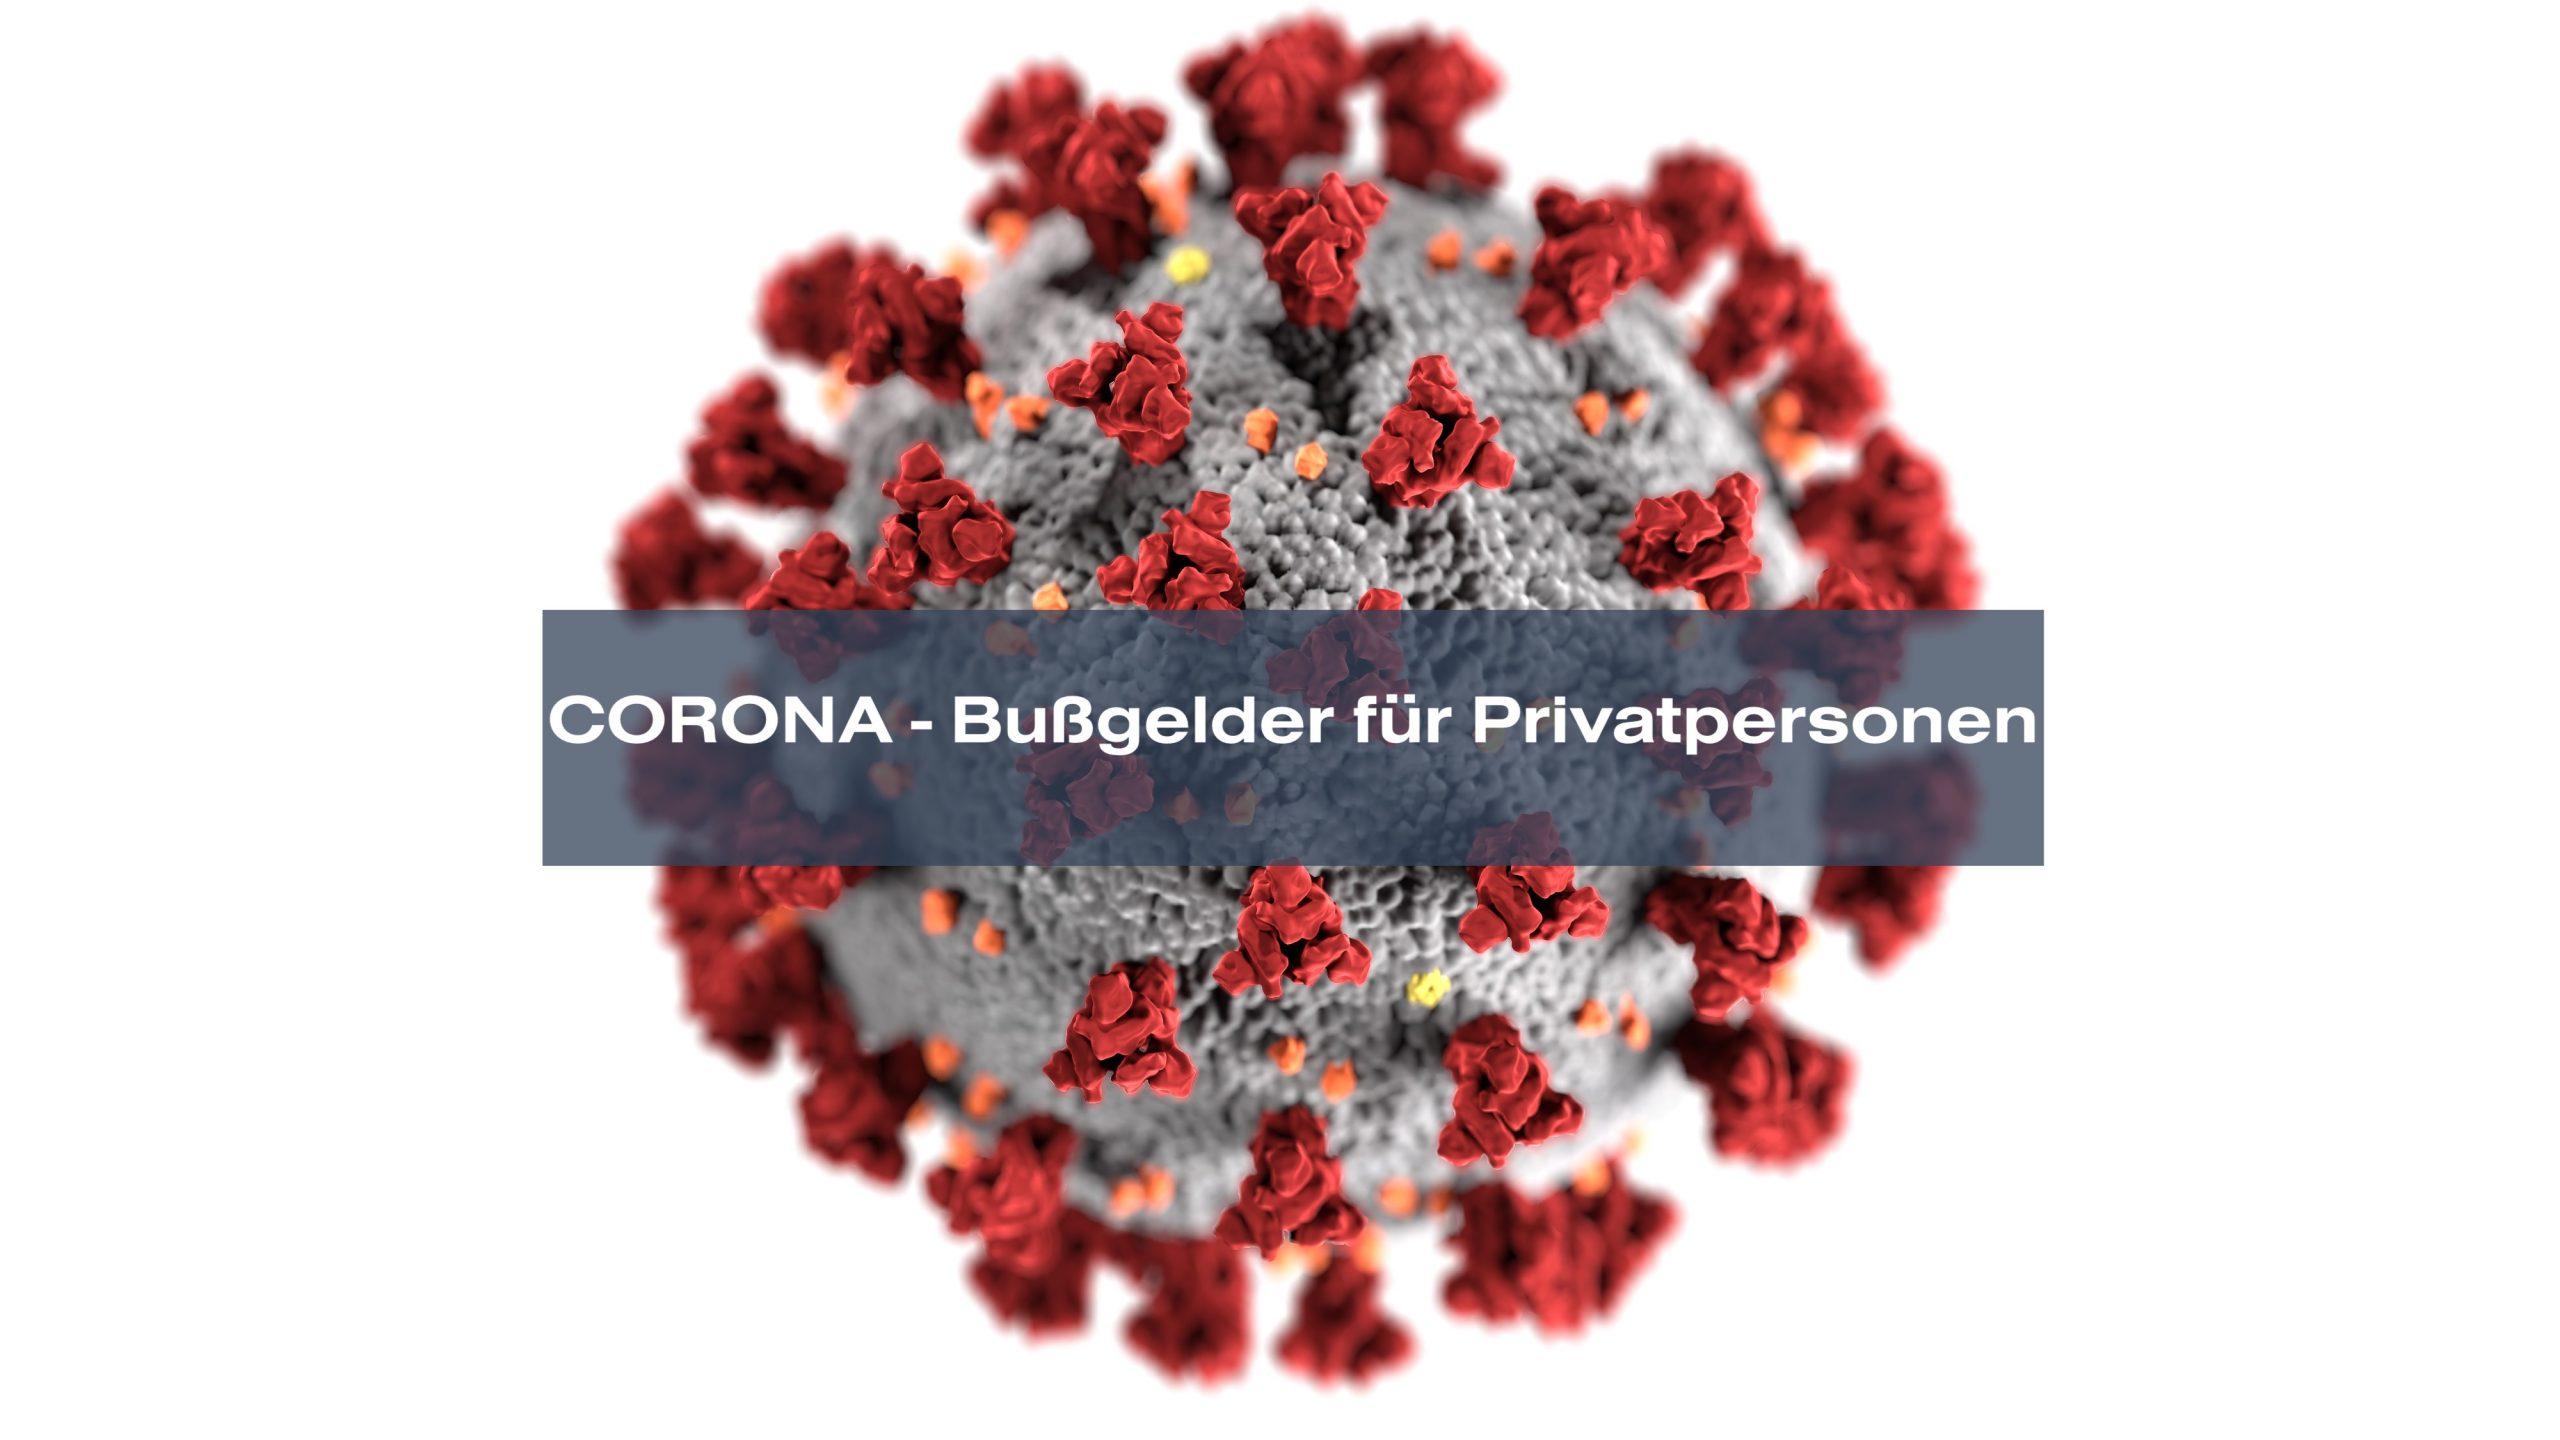 Corona Covid-19 Coronavirus Bußgelder für Privatpersonen